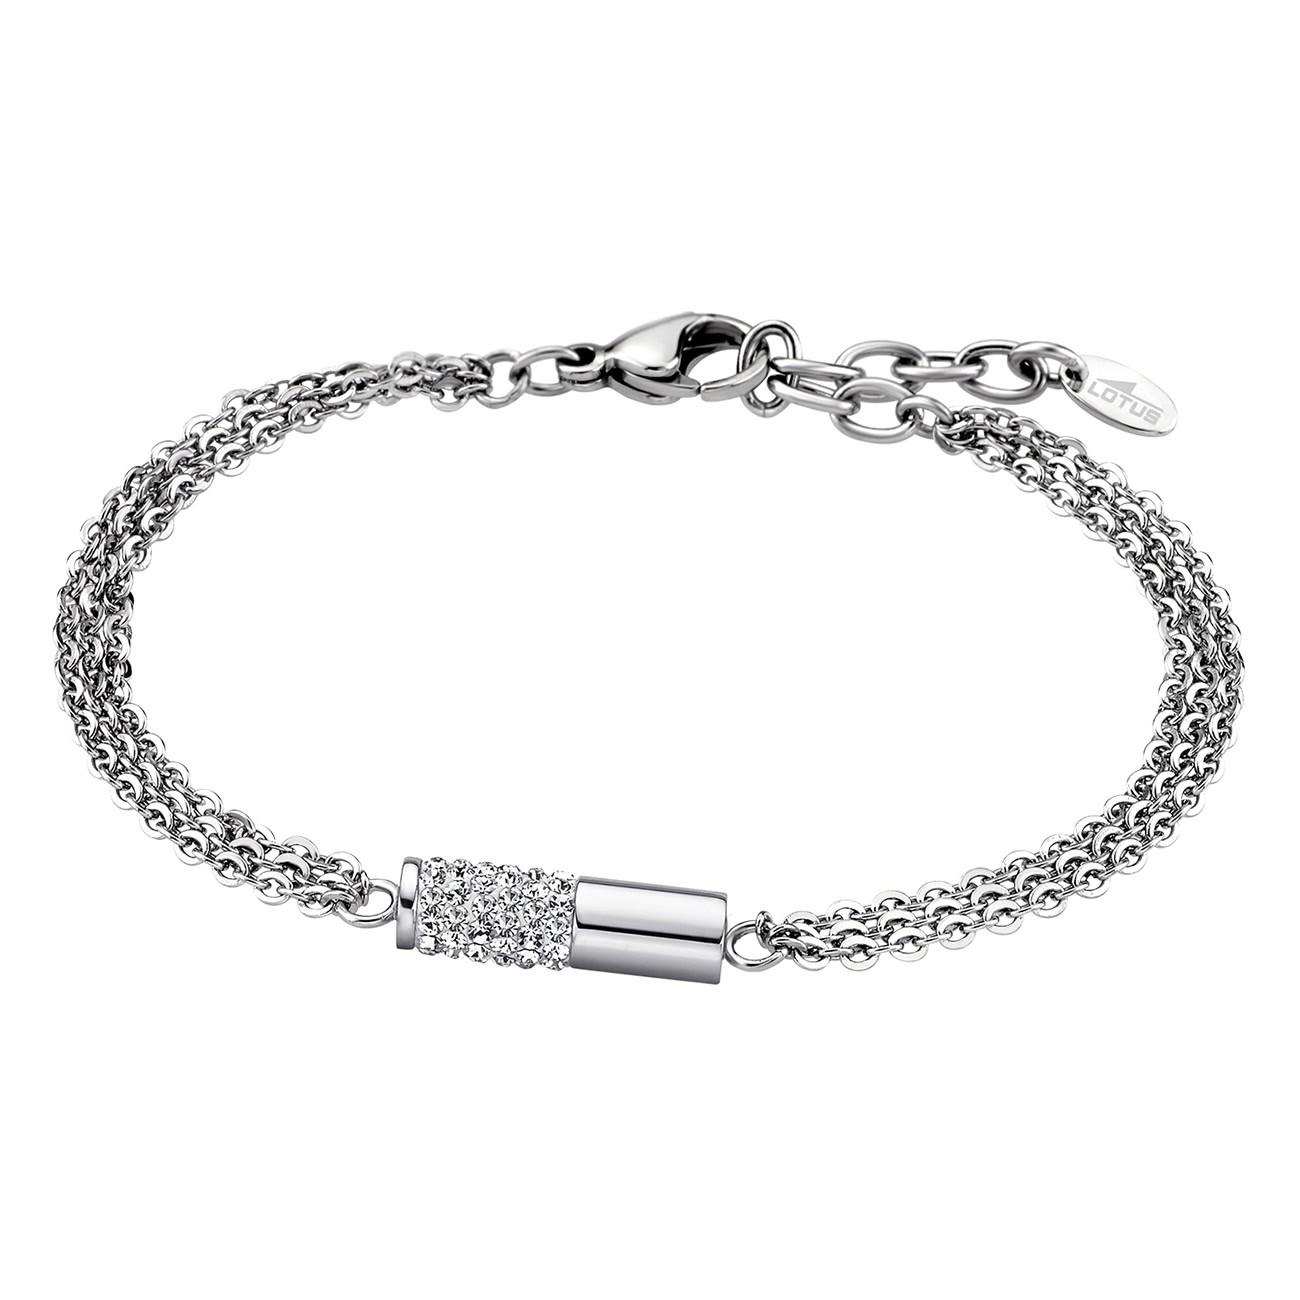 LOTUS Style Armband Damen Multilayer LS1772-2/1 Edelstahl silber JLS1772-2-1